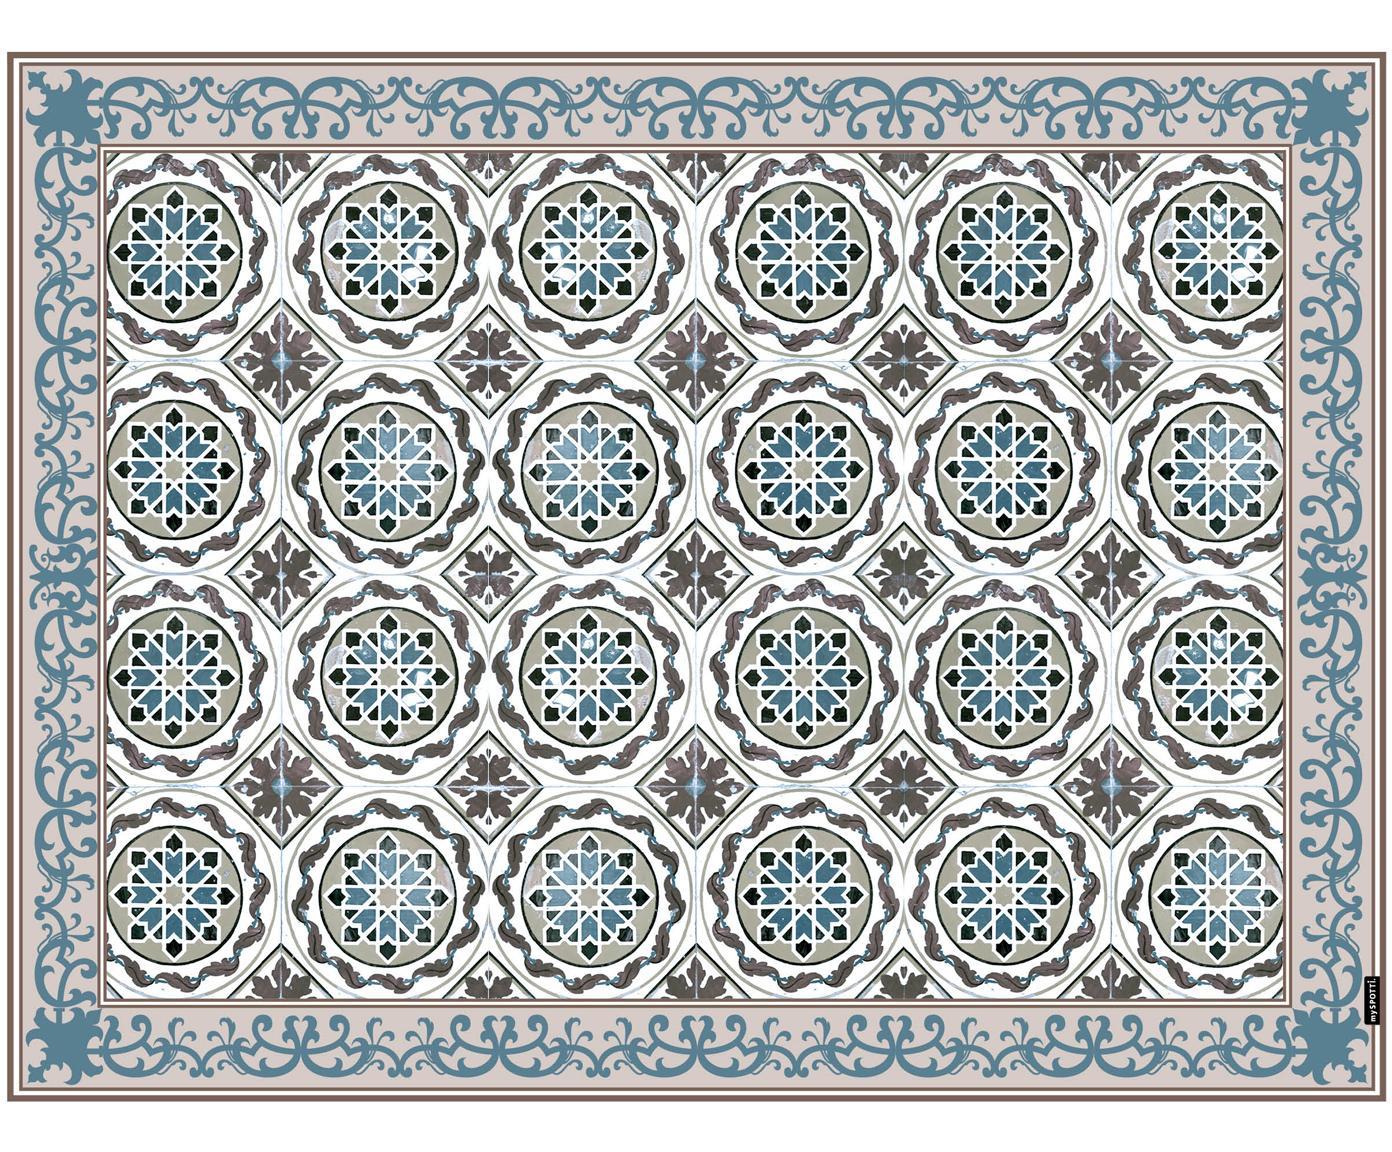 Vinyl vloermat Selina, Recyclebaar vinyl, Beige, bruin, blauw, 65 x 85 cm